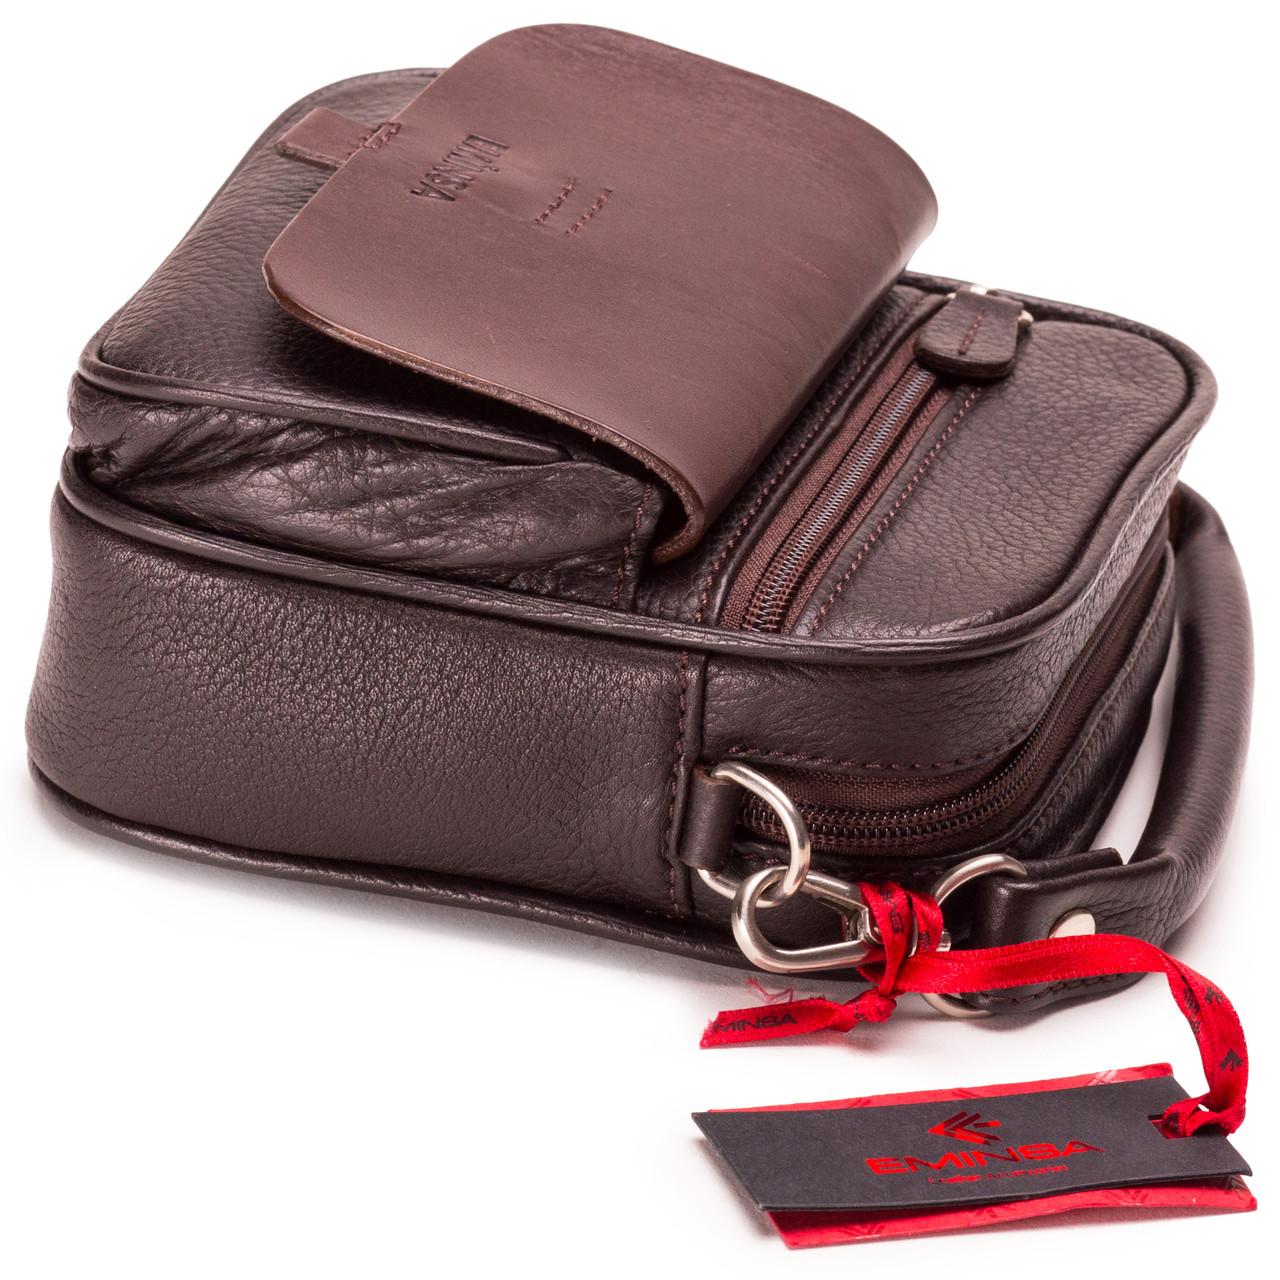 Мужская сумка барсетка кожаная коричневая Eminsa 6053-18-3